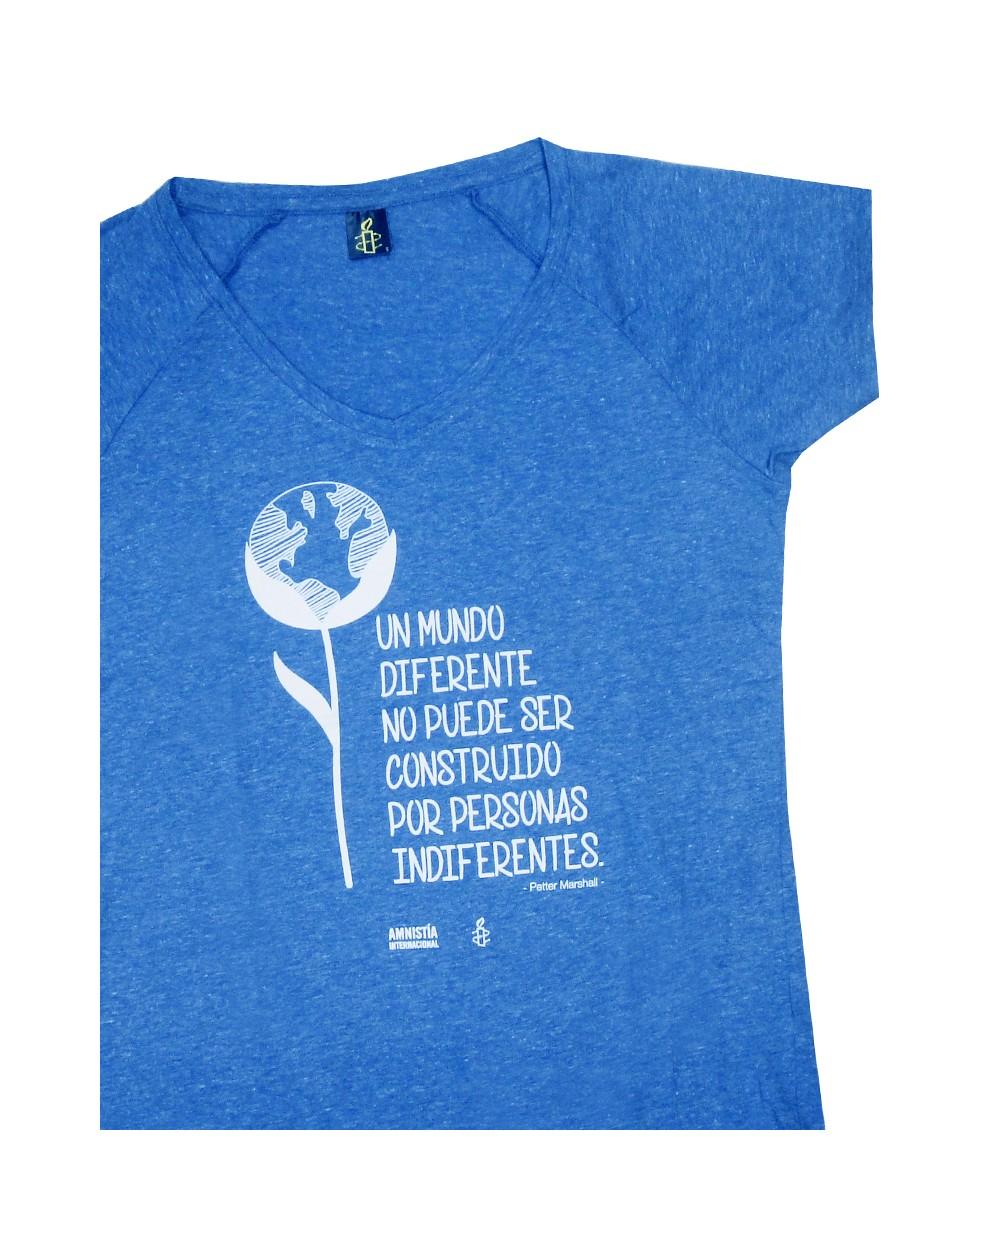 fc57aae7cbc Camisetas con mensaje para mujer Amnistía Internacional